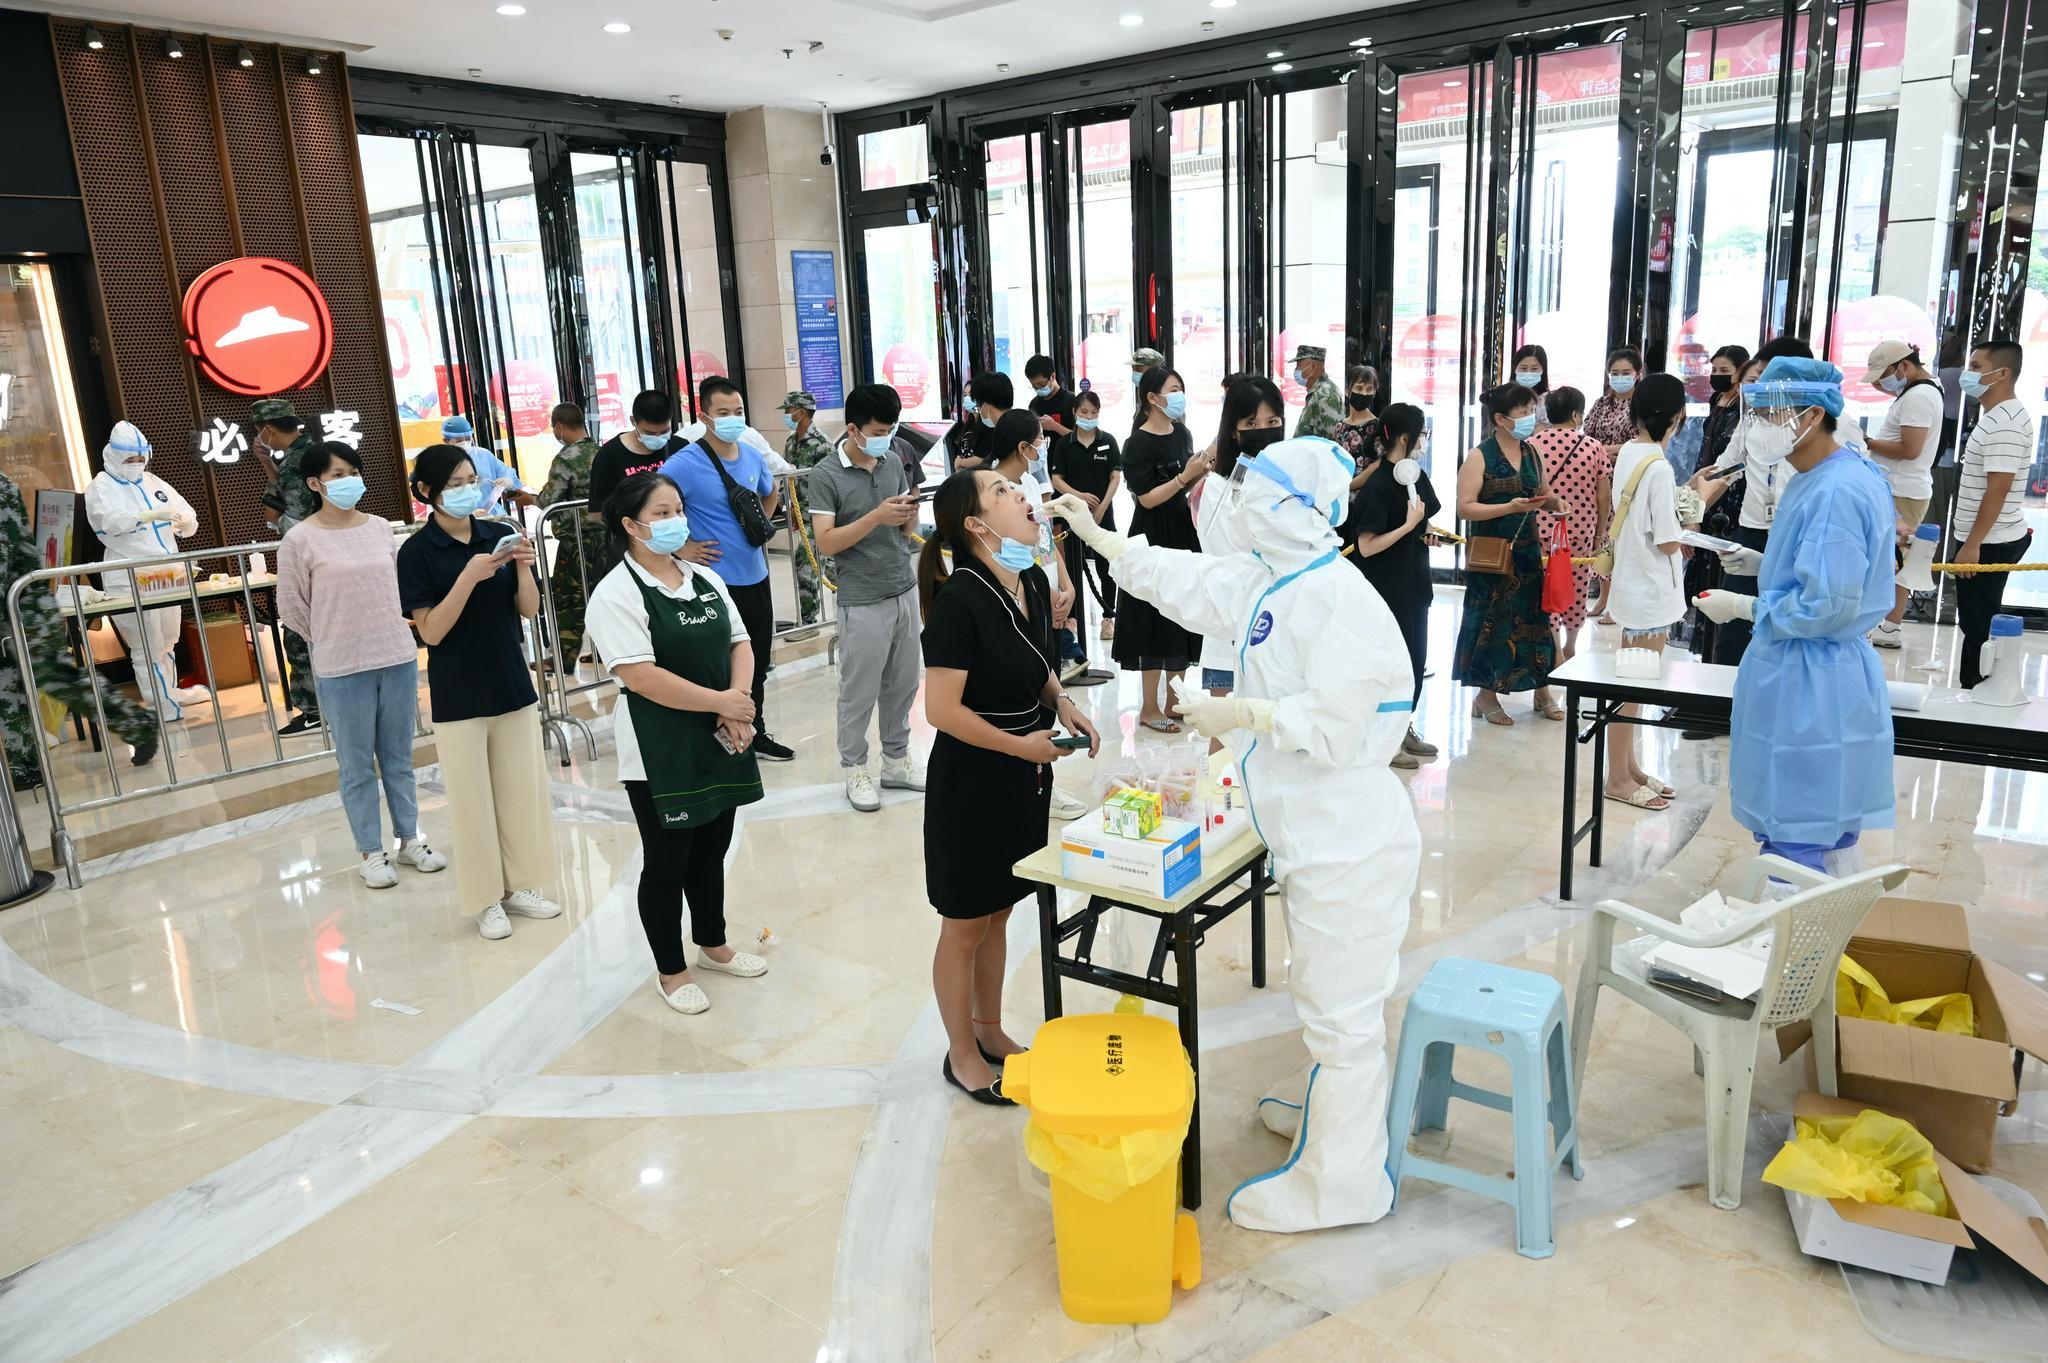 3天感染数超过南京疫情 福建疫情会继续外溢吗?